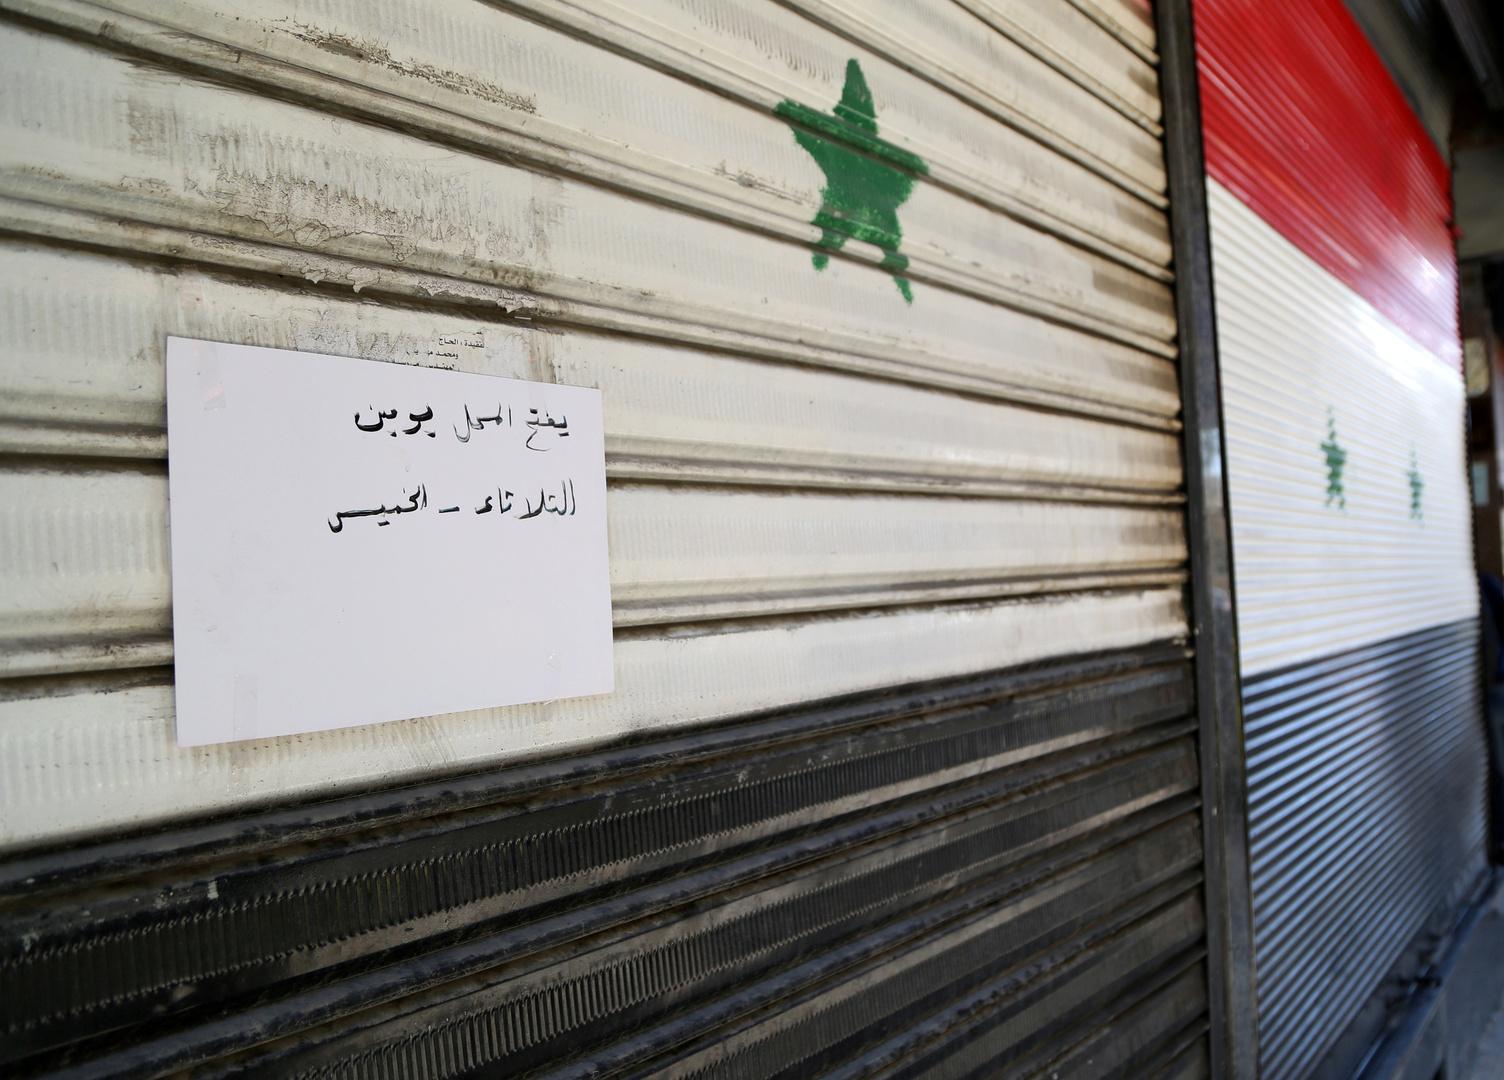 كورونا.. رفع الحجر الصحي عن بلدة جديدة الفضل بسوريا